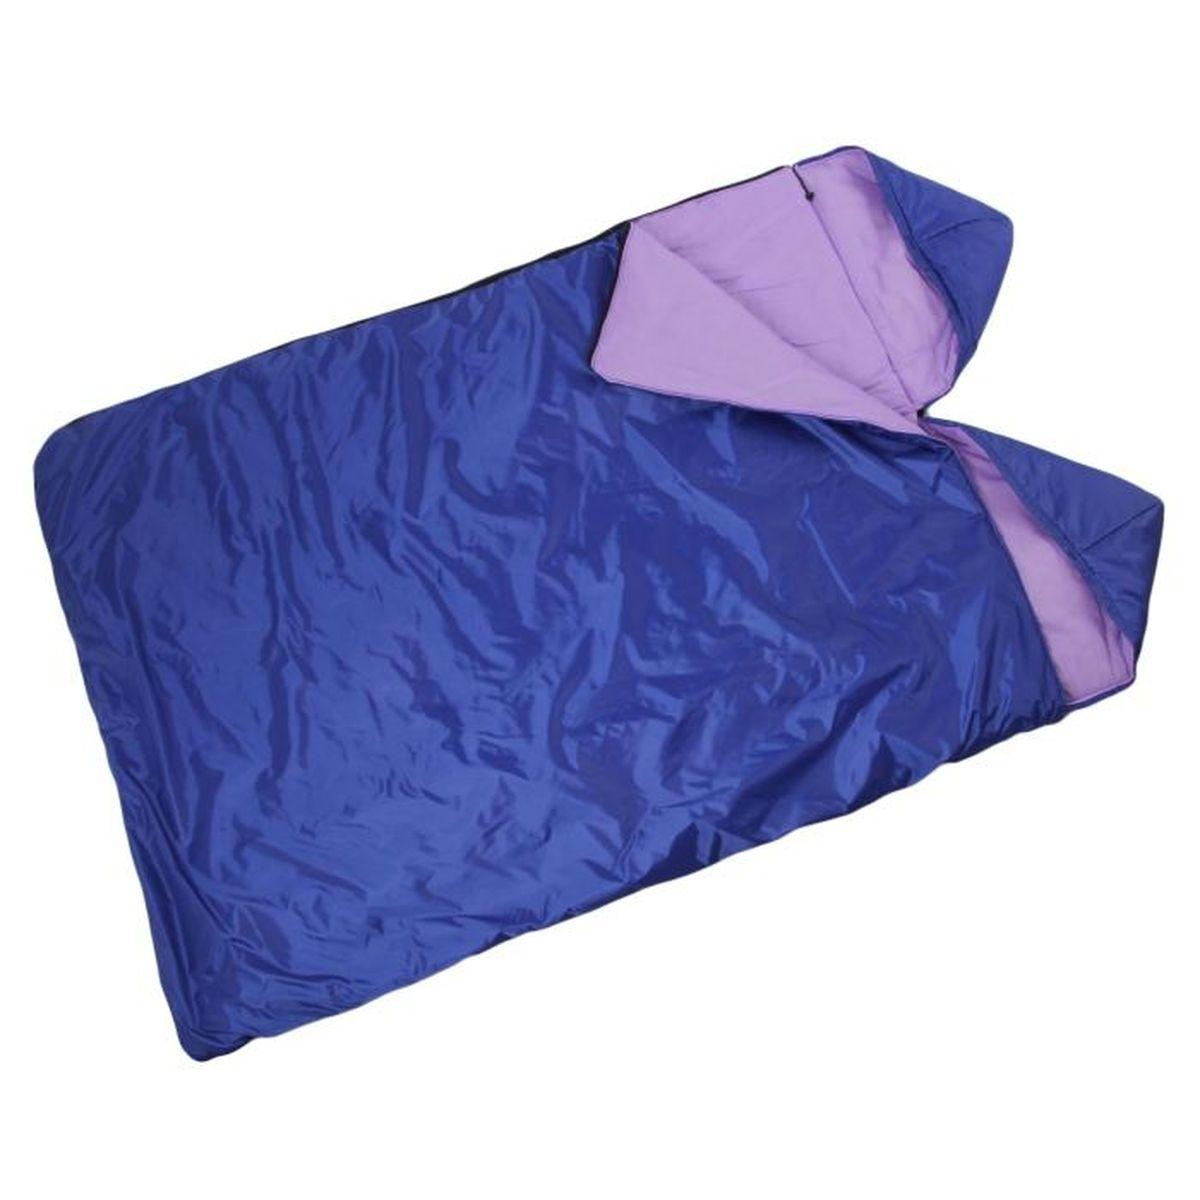 Спальный мешок Onlitop Престиж, 2-местный, цвет: фиолетовый, правосторонняя молния1344026Комфортный, просторный и очень теплый 3-х сезонный спальник предназначен для походов и для отдыха на природе не только в летнее время, но и в прохладные дни весенне-осеннего периода. В теплое время спальный мешок можно использовать как одеяло (в том числе и дома).